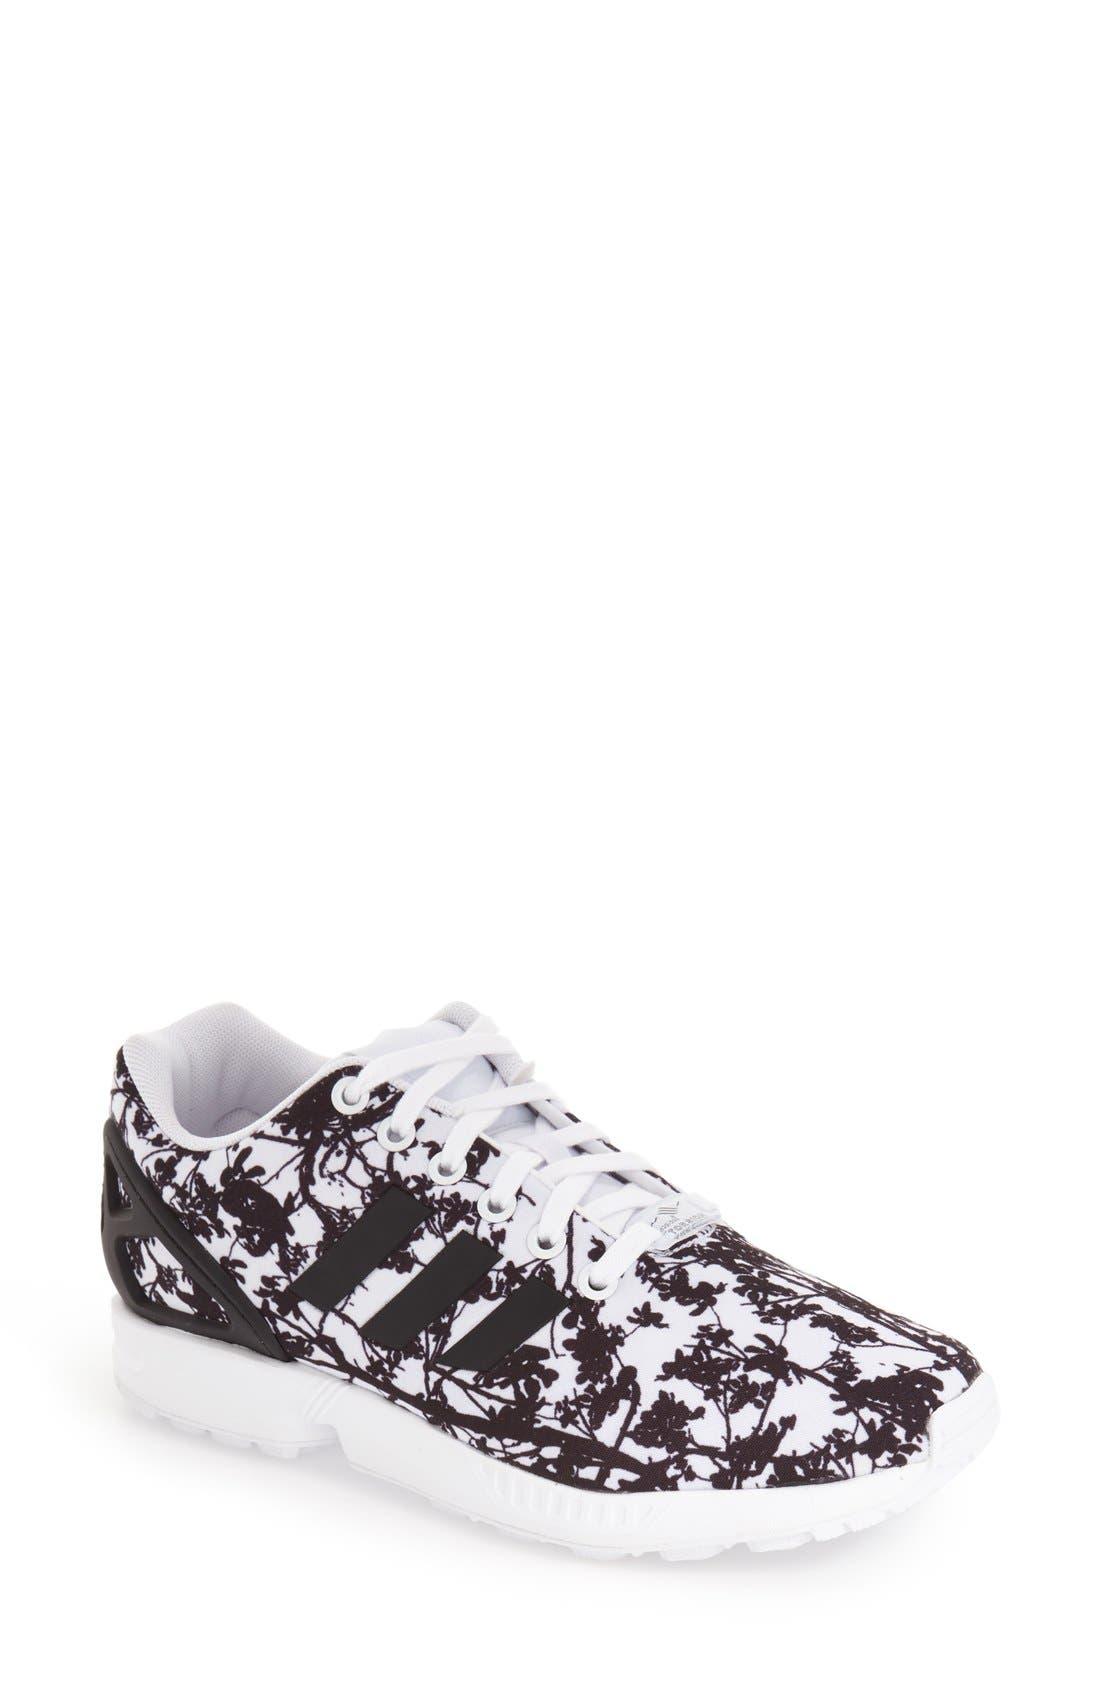 Main Image - adidas 'ZX Flux' Sneaker (Women)